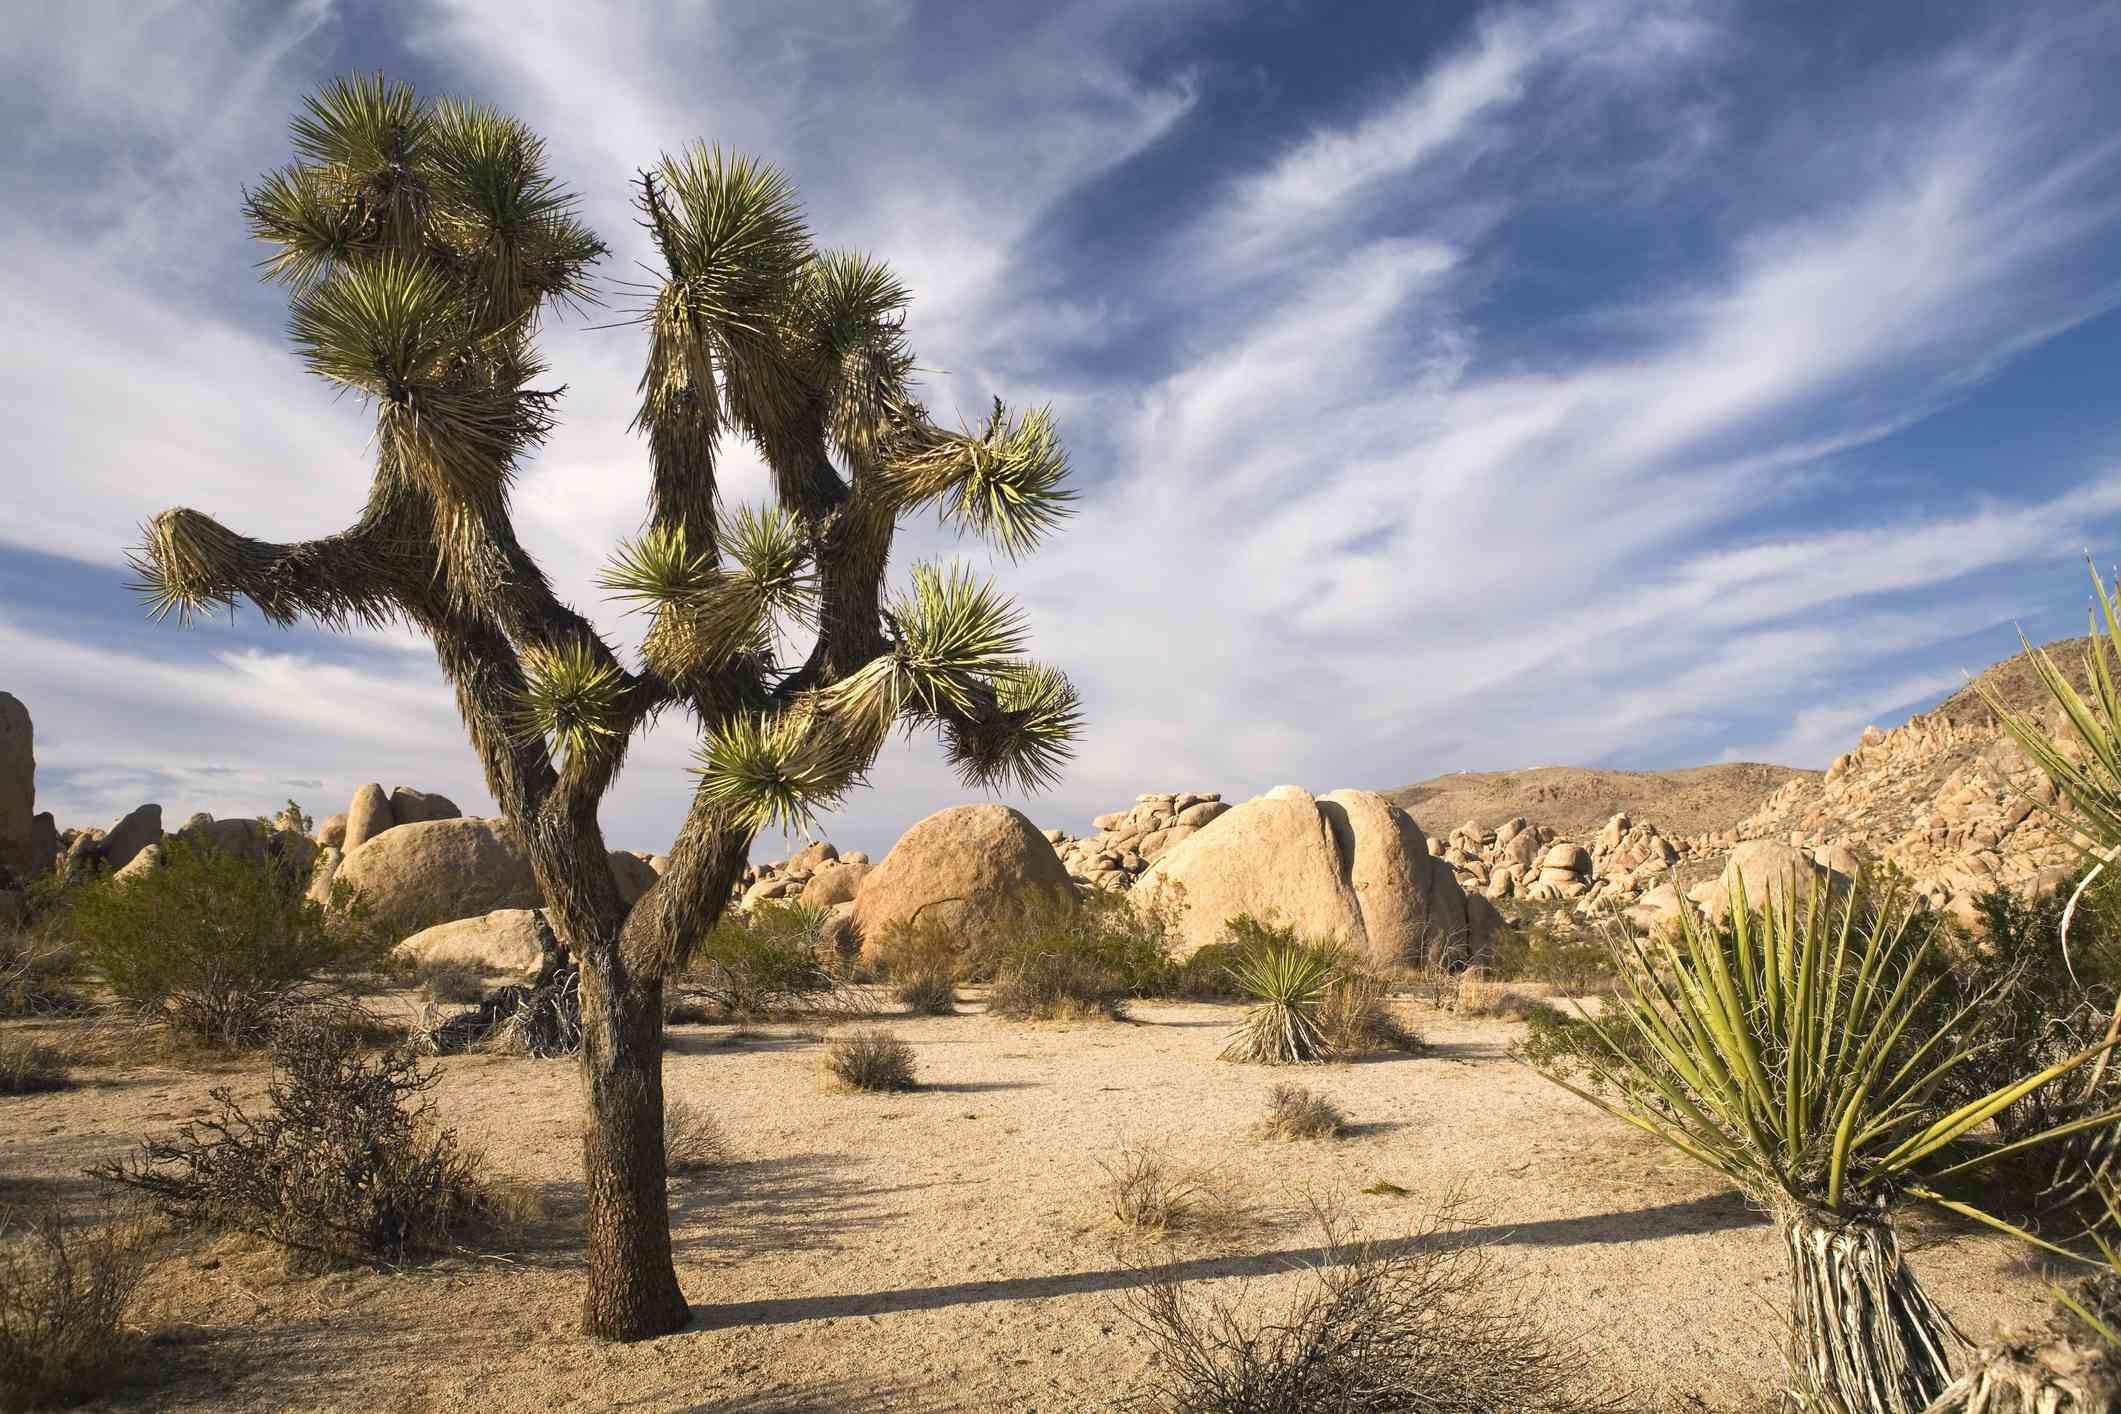 A Joshua Tree in an arid landscape